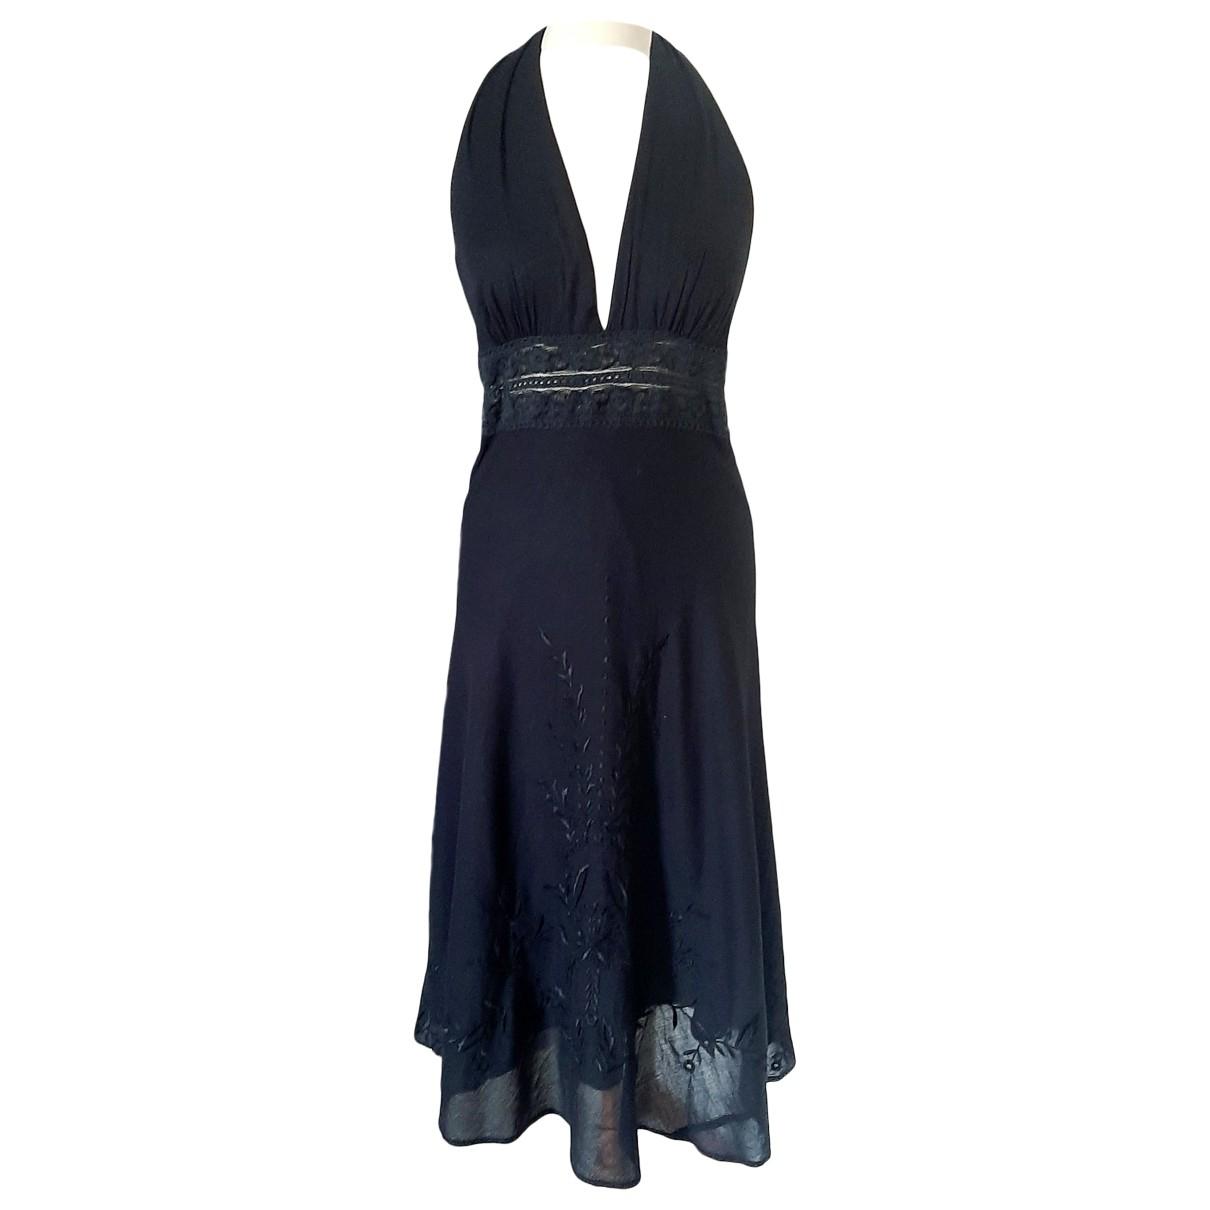 Ba&sh \N Black Cotton dress for Women 2 0-5